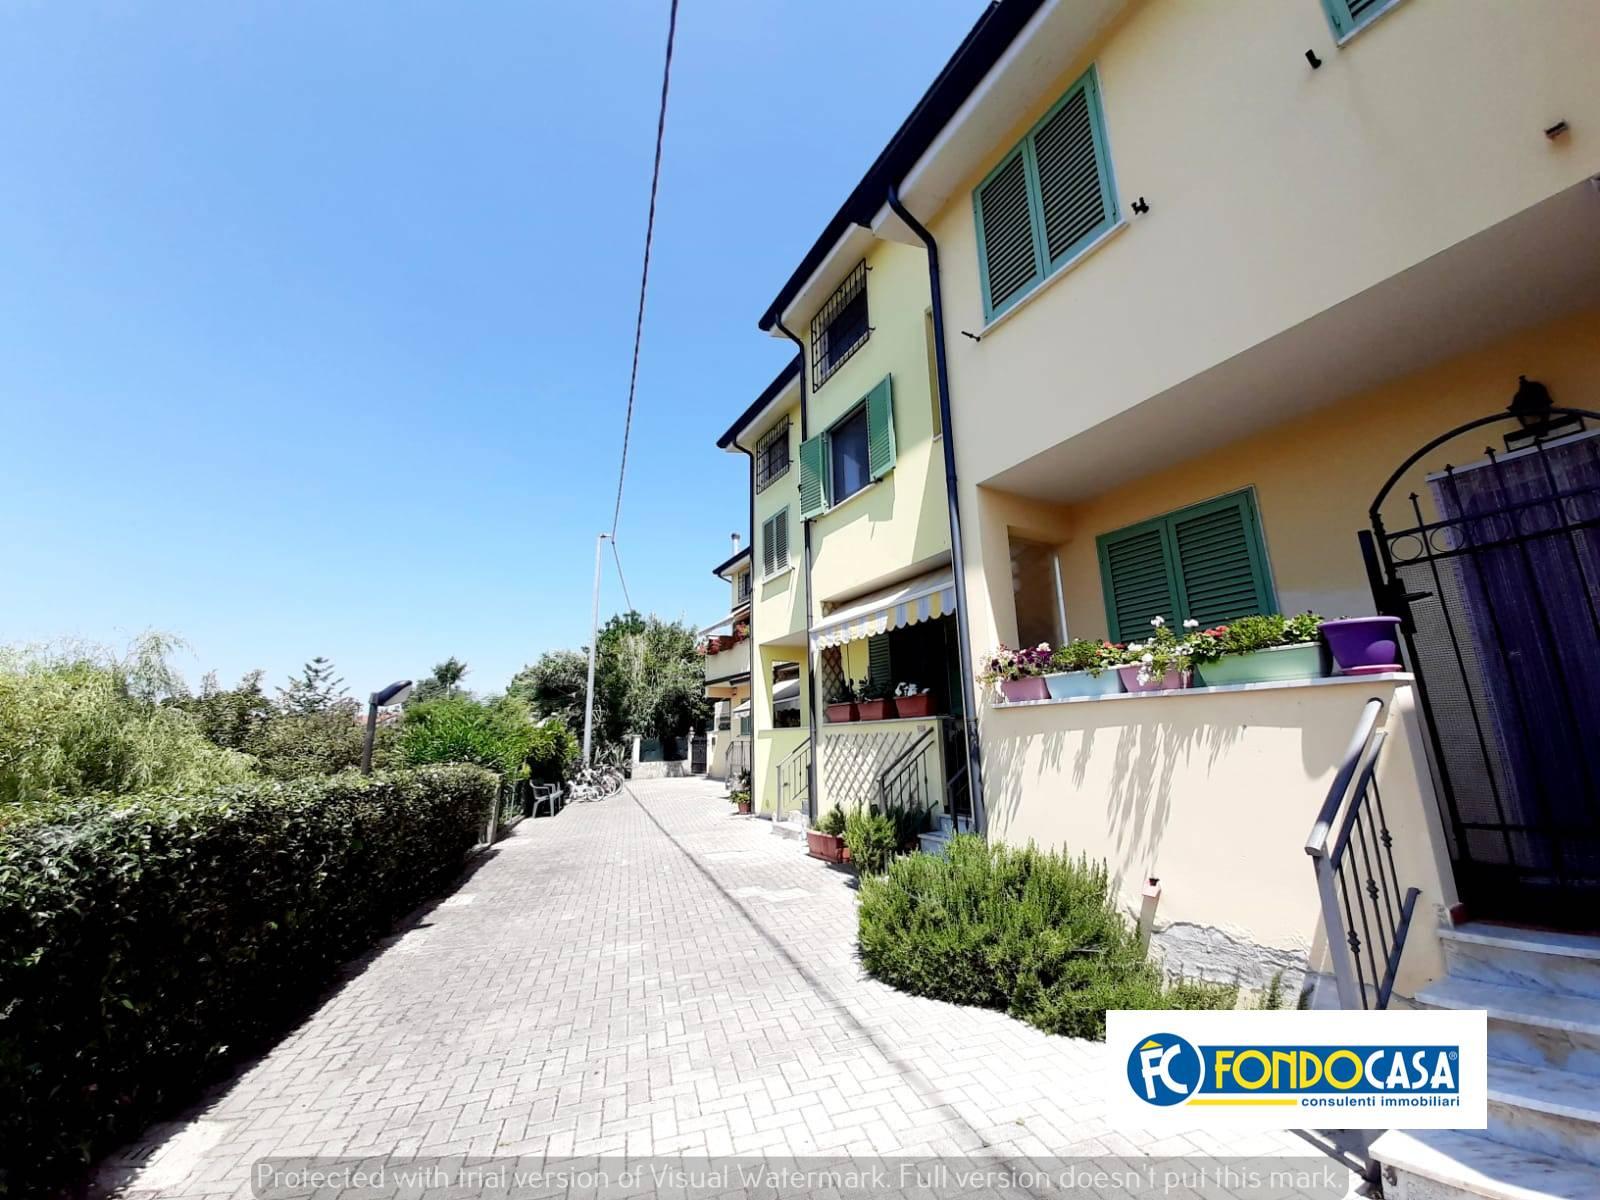 Appartamento in vendita a Montignoso, 3 locali, zona Zona: Renella, prezzo € 150.000 | CambioCasa.it